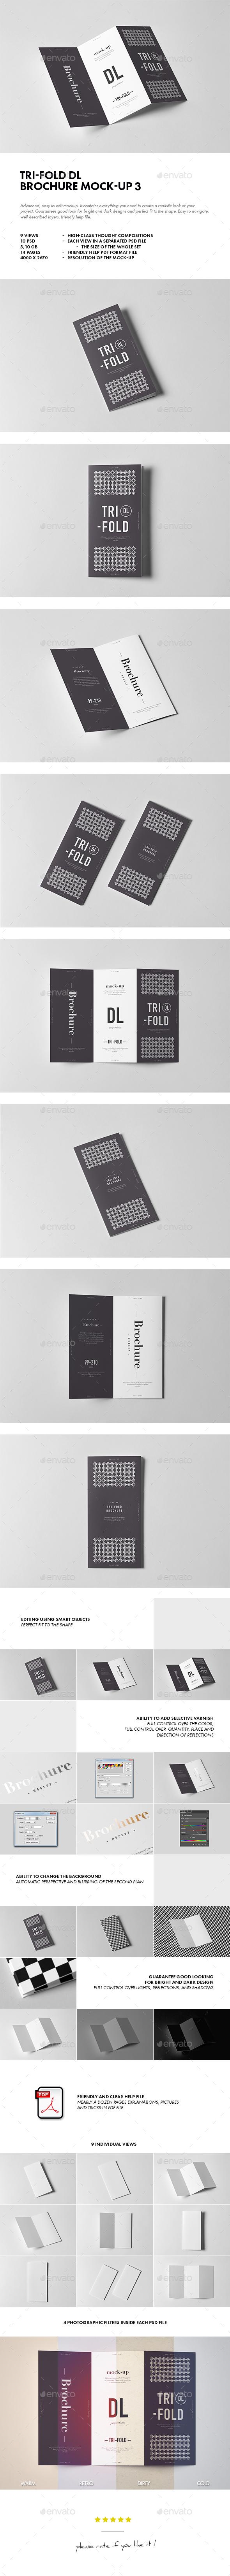 Tri-Fold DL Brochure Mock-up 3 - Brochures Print